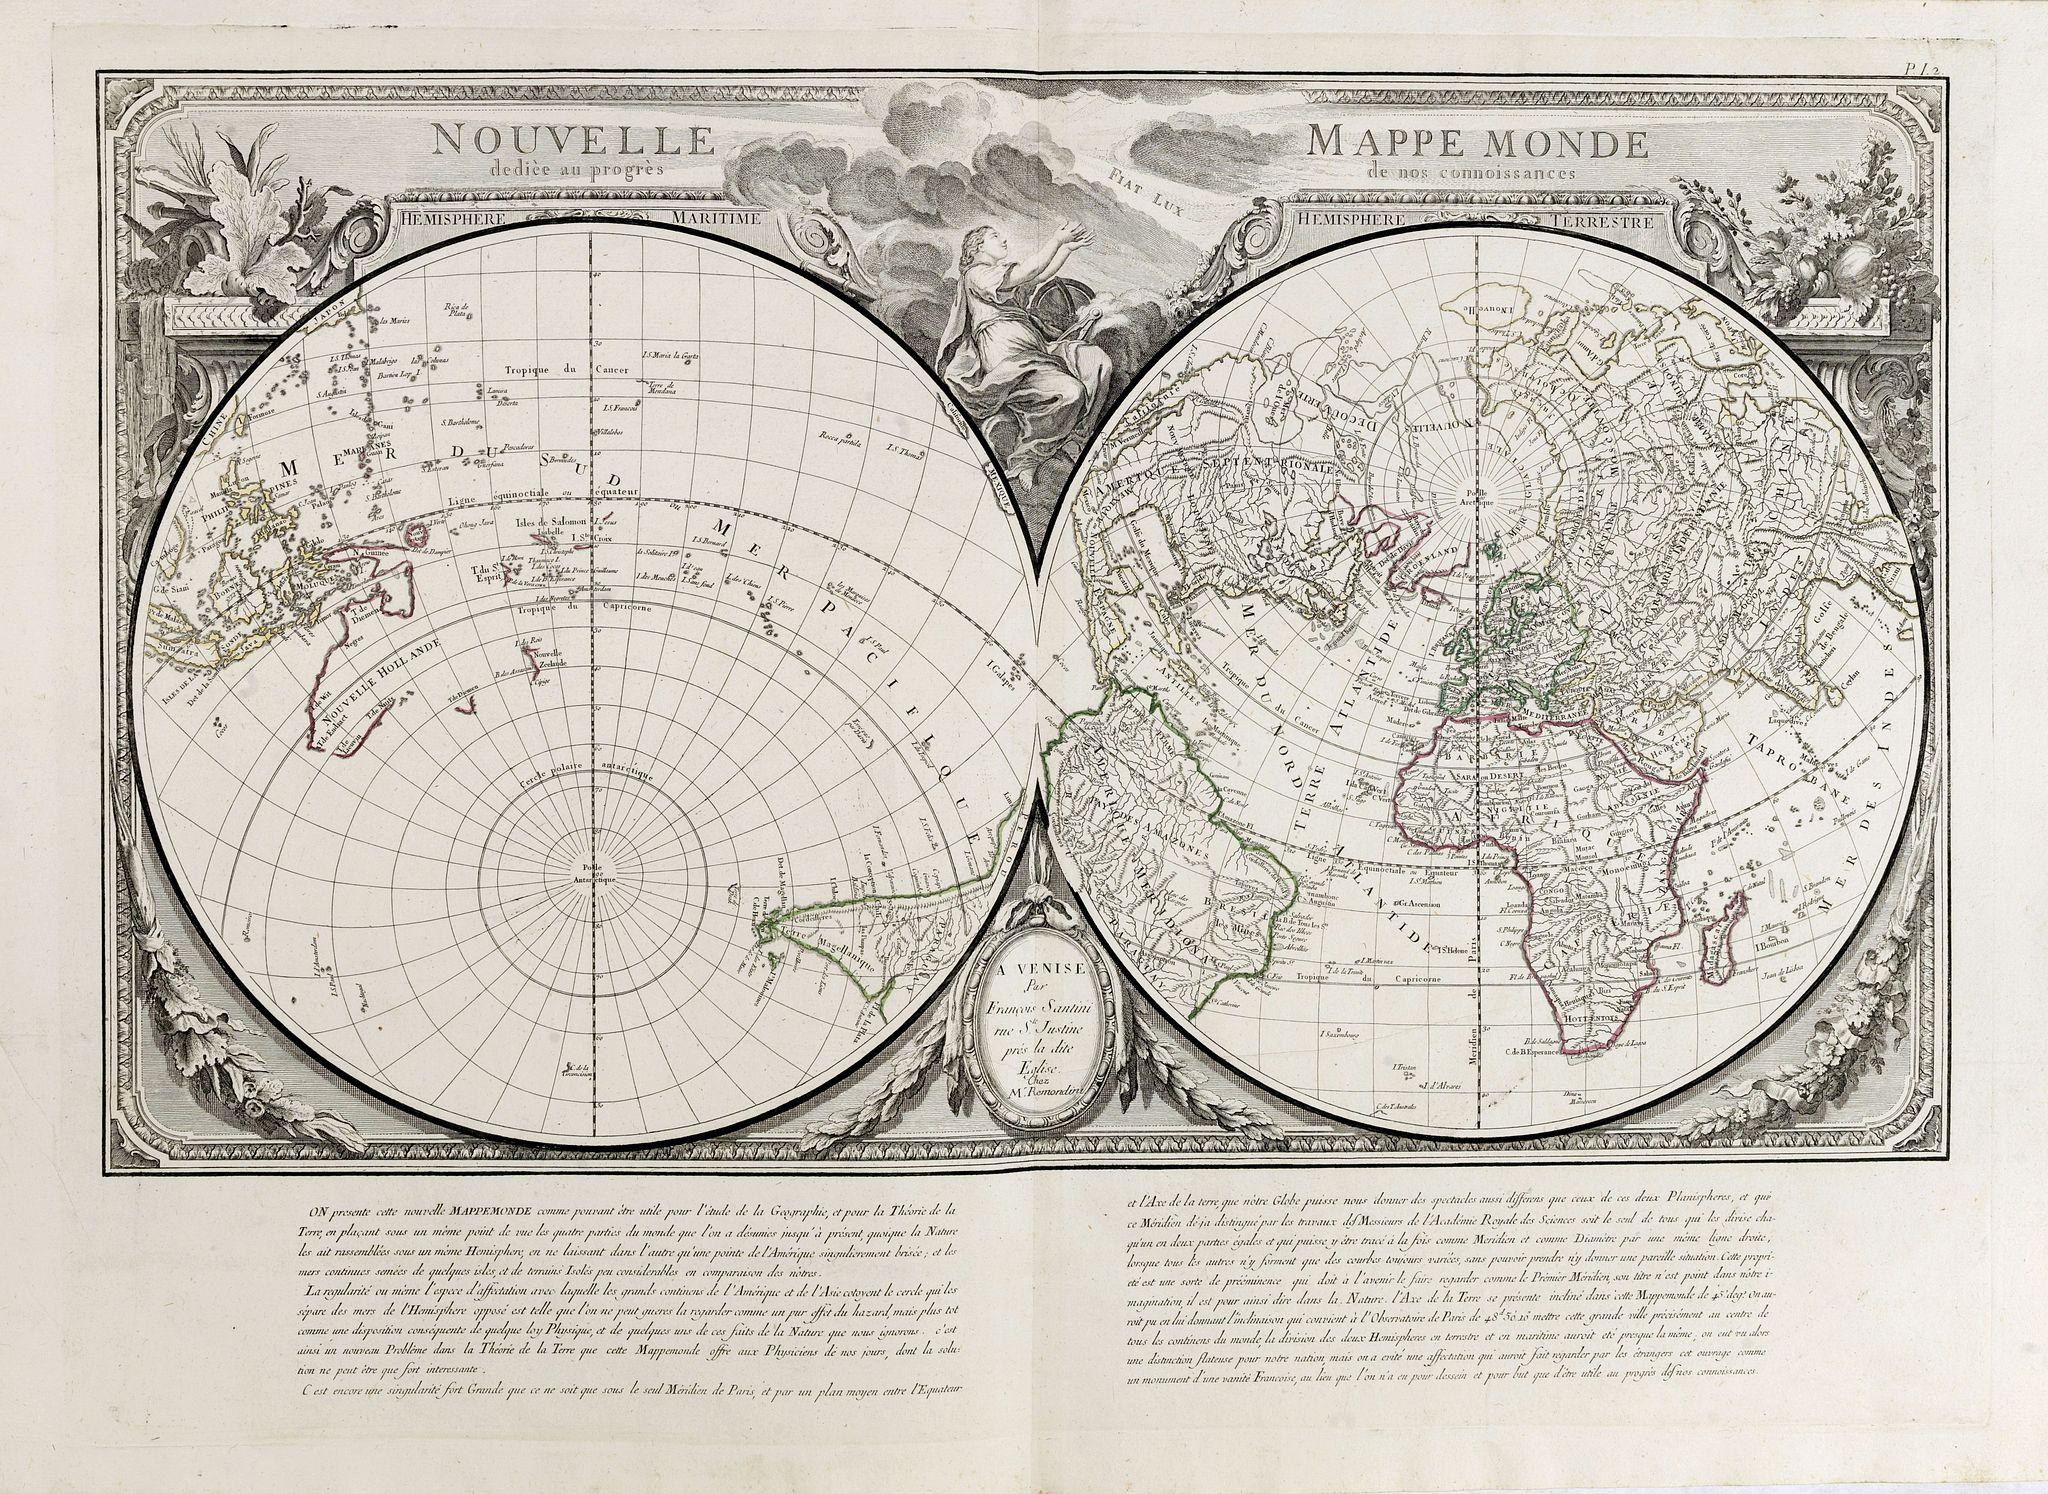 SANTINI, P. / REMONDINI, M. -  Nouvelle Mappe Monde dediee au progres de nos connoissances.